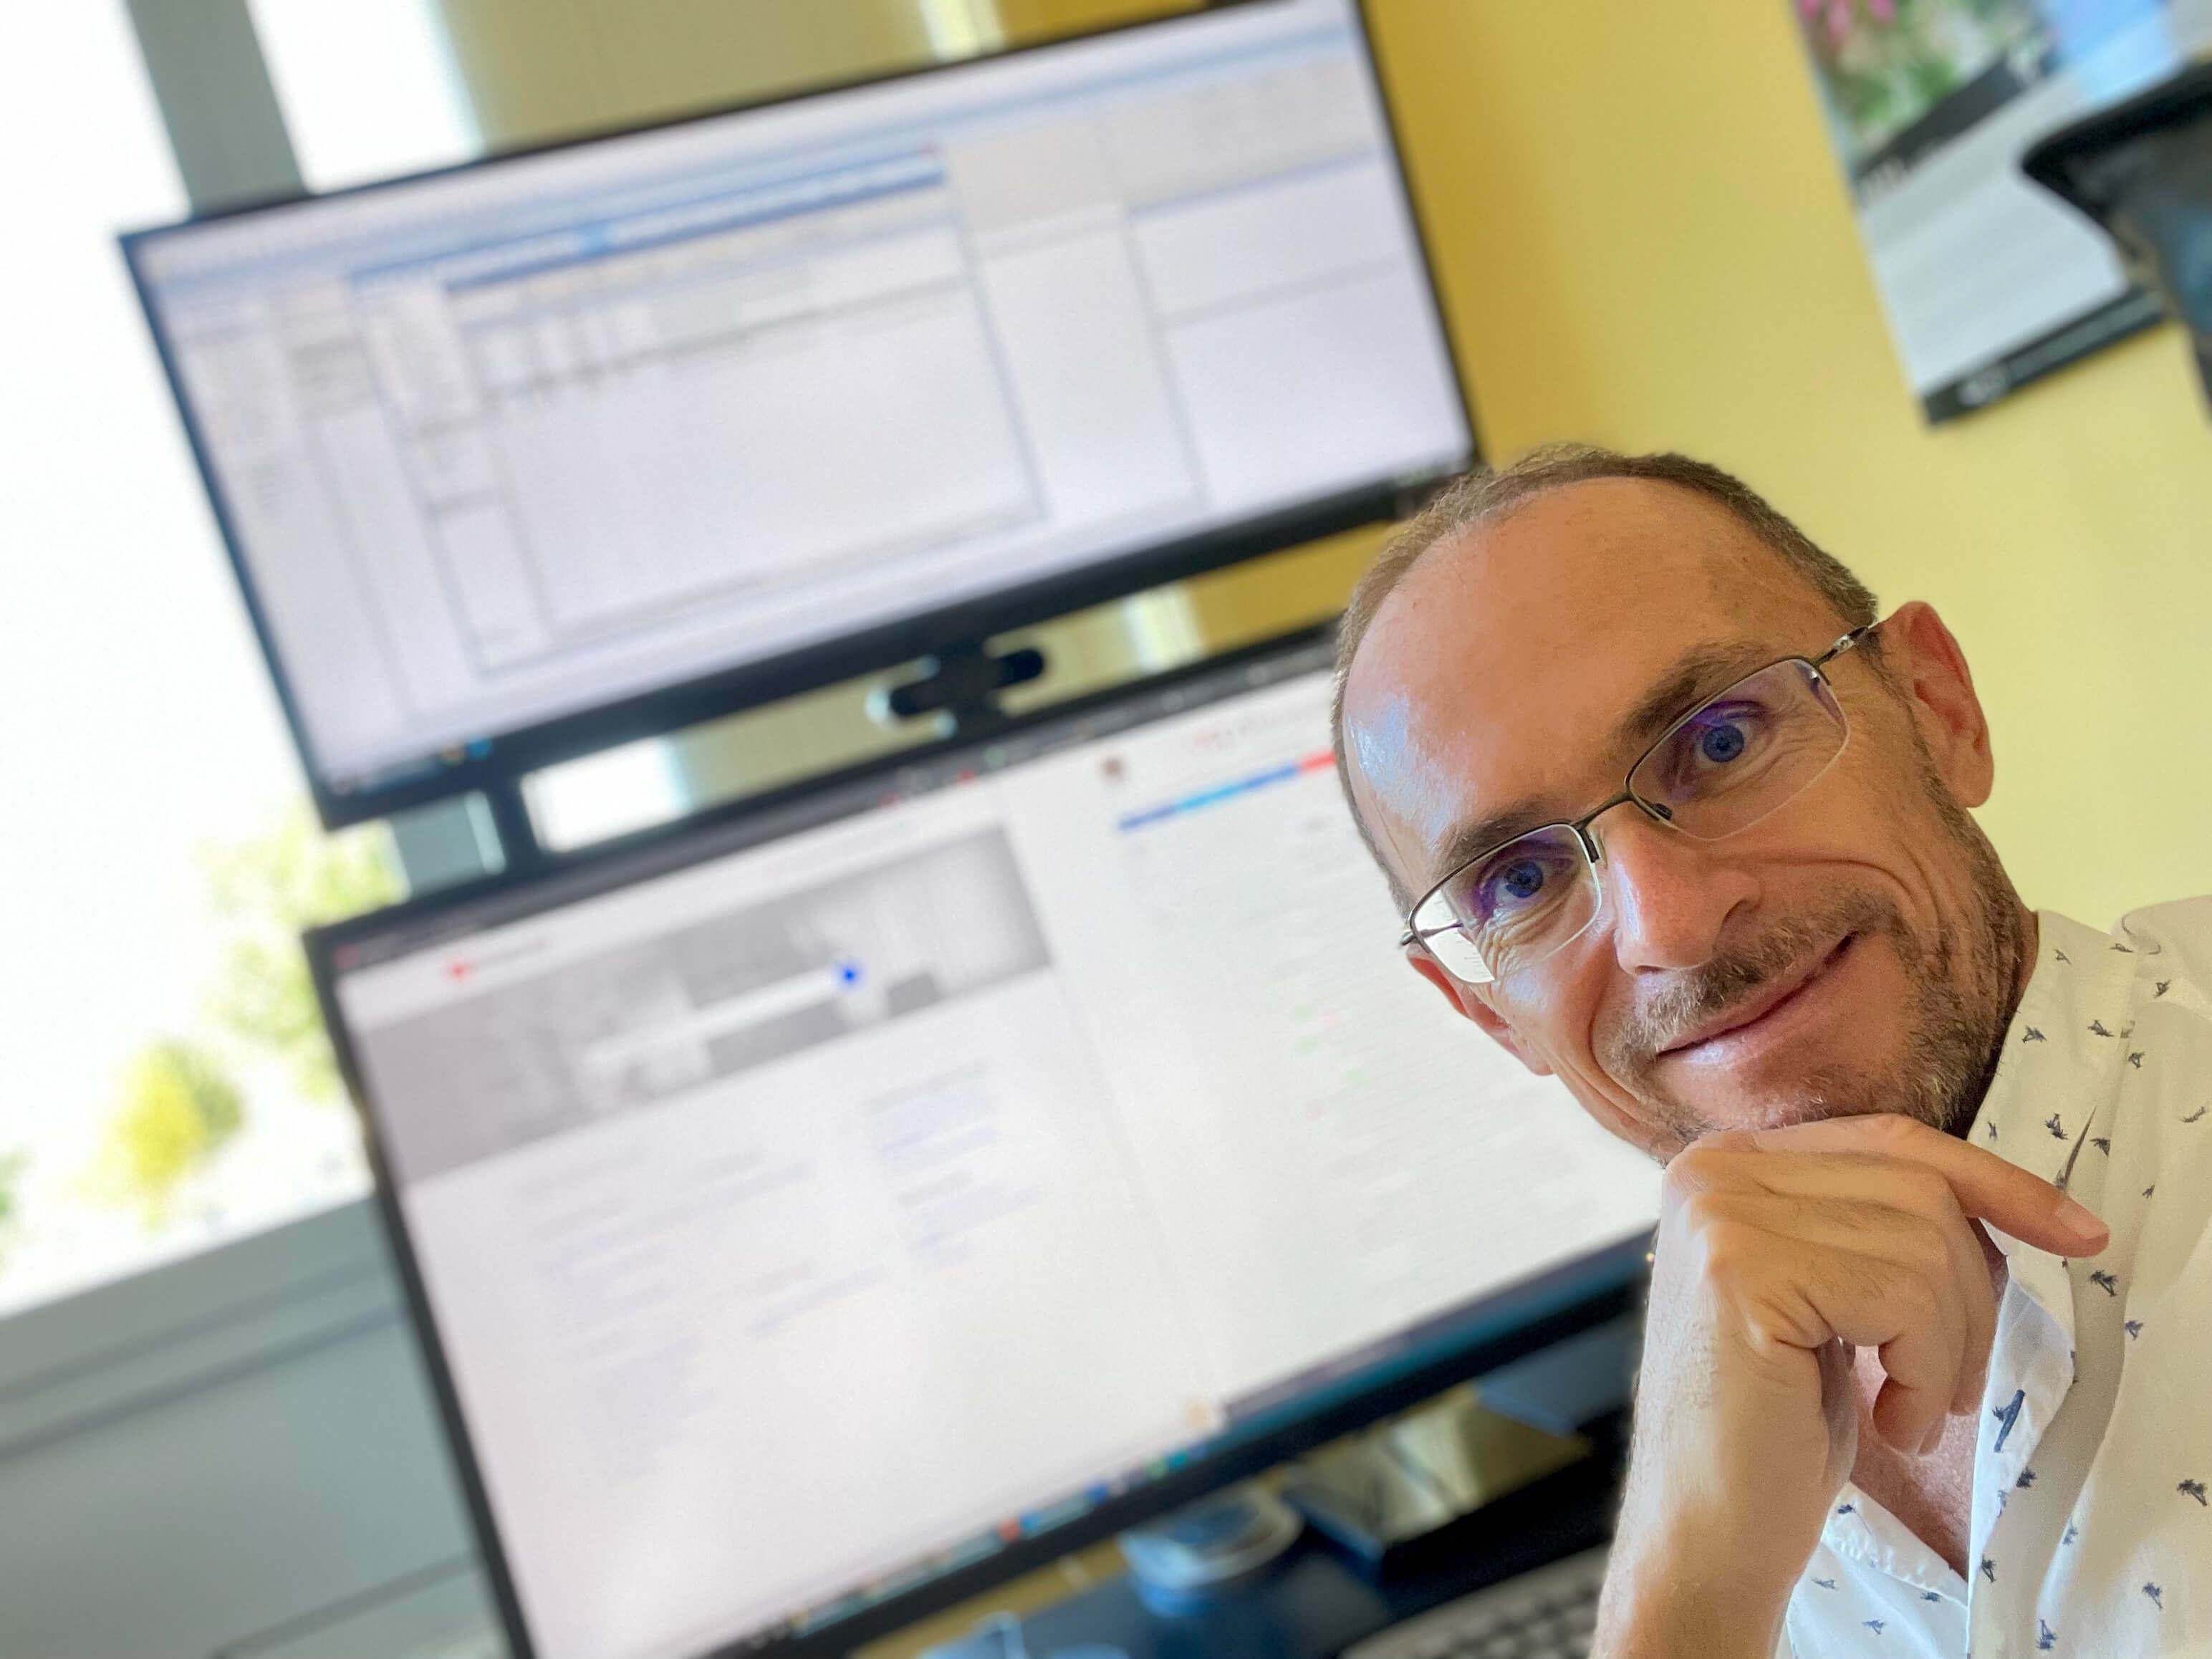 Claudio De Stasio, Avvocato Civilista presso Studio Legale De Stasio - Follonica, Grosseto